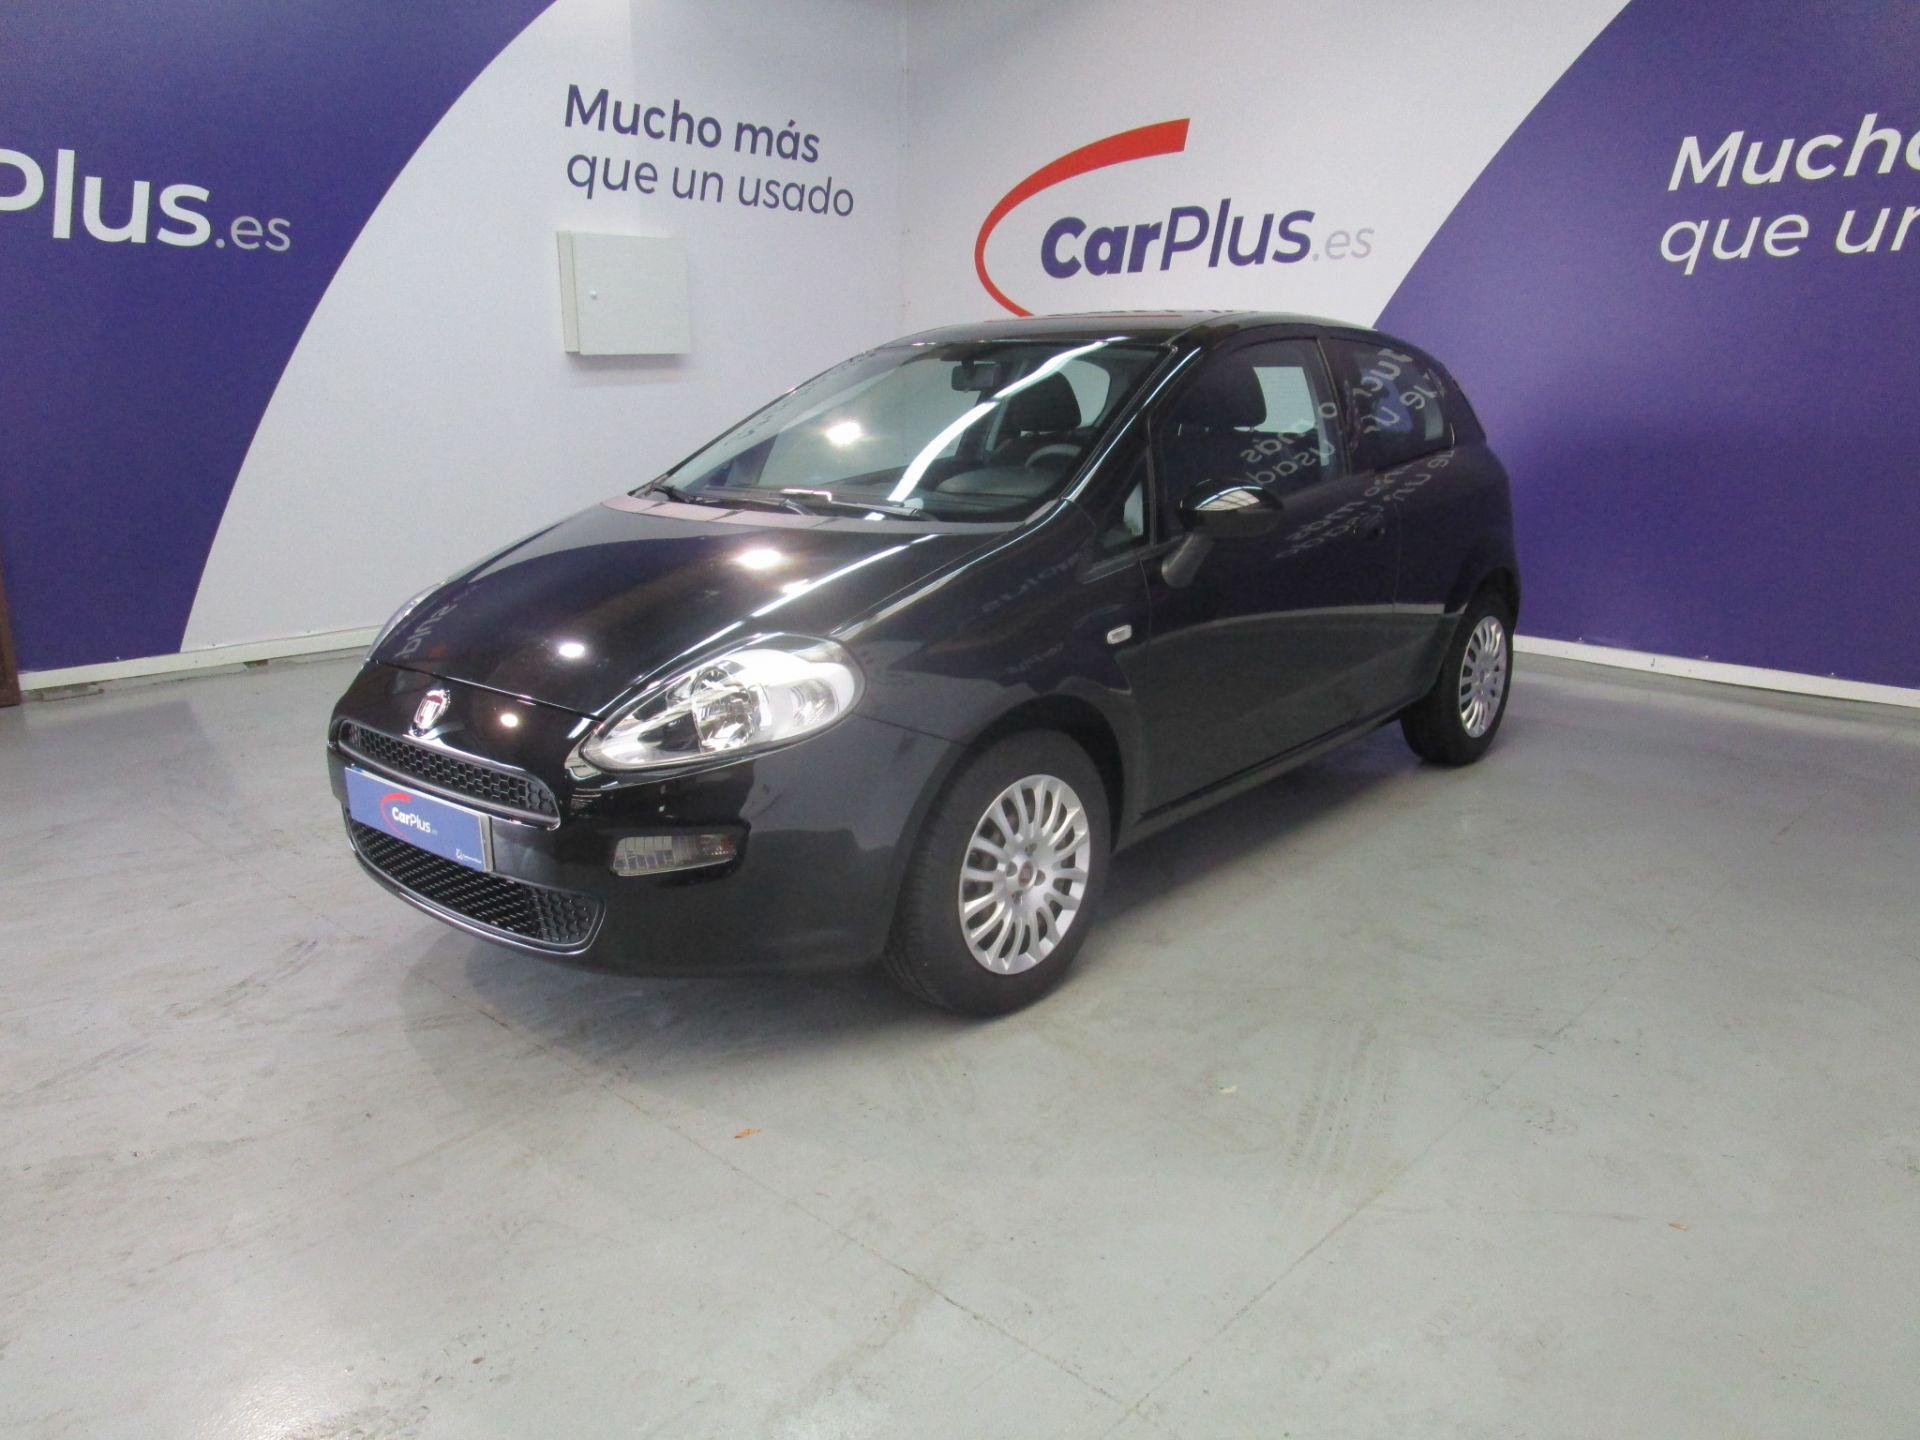 Fiat Punto 1.2 8v Easy 69 CV Gasolina S&S segunda mano Madrid